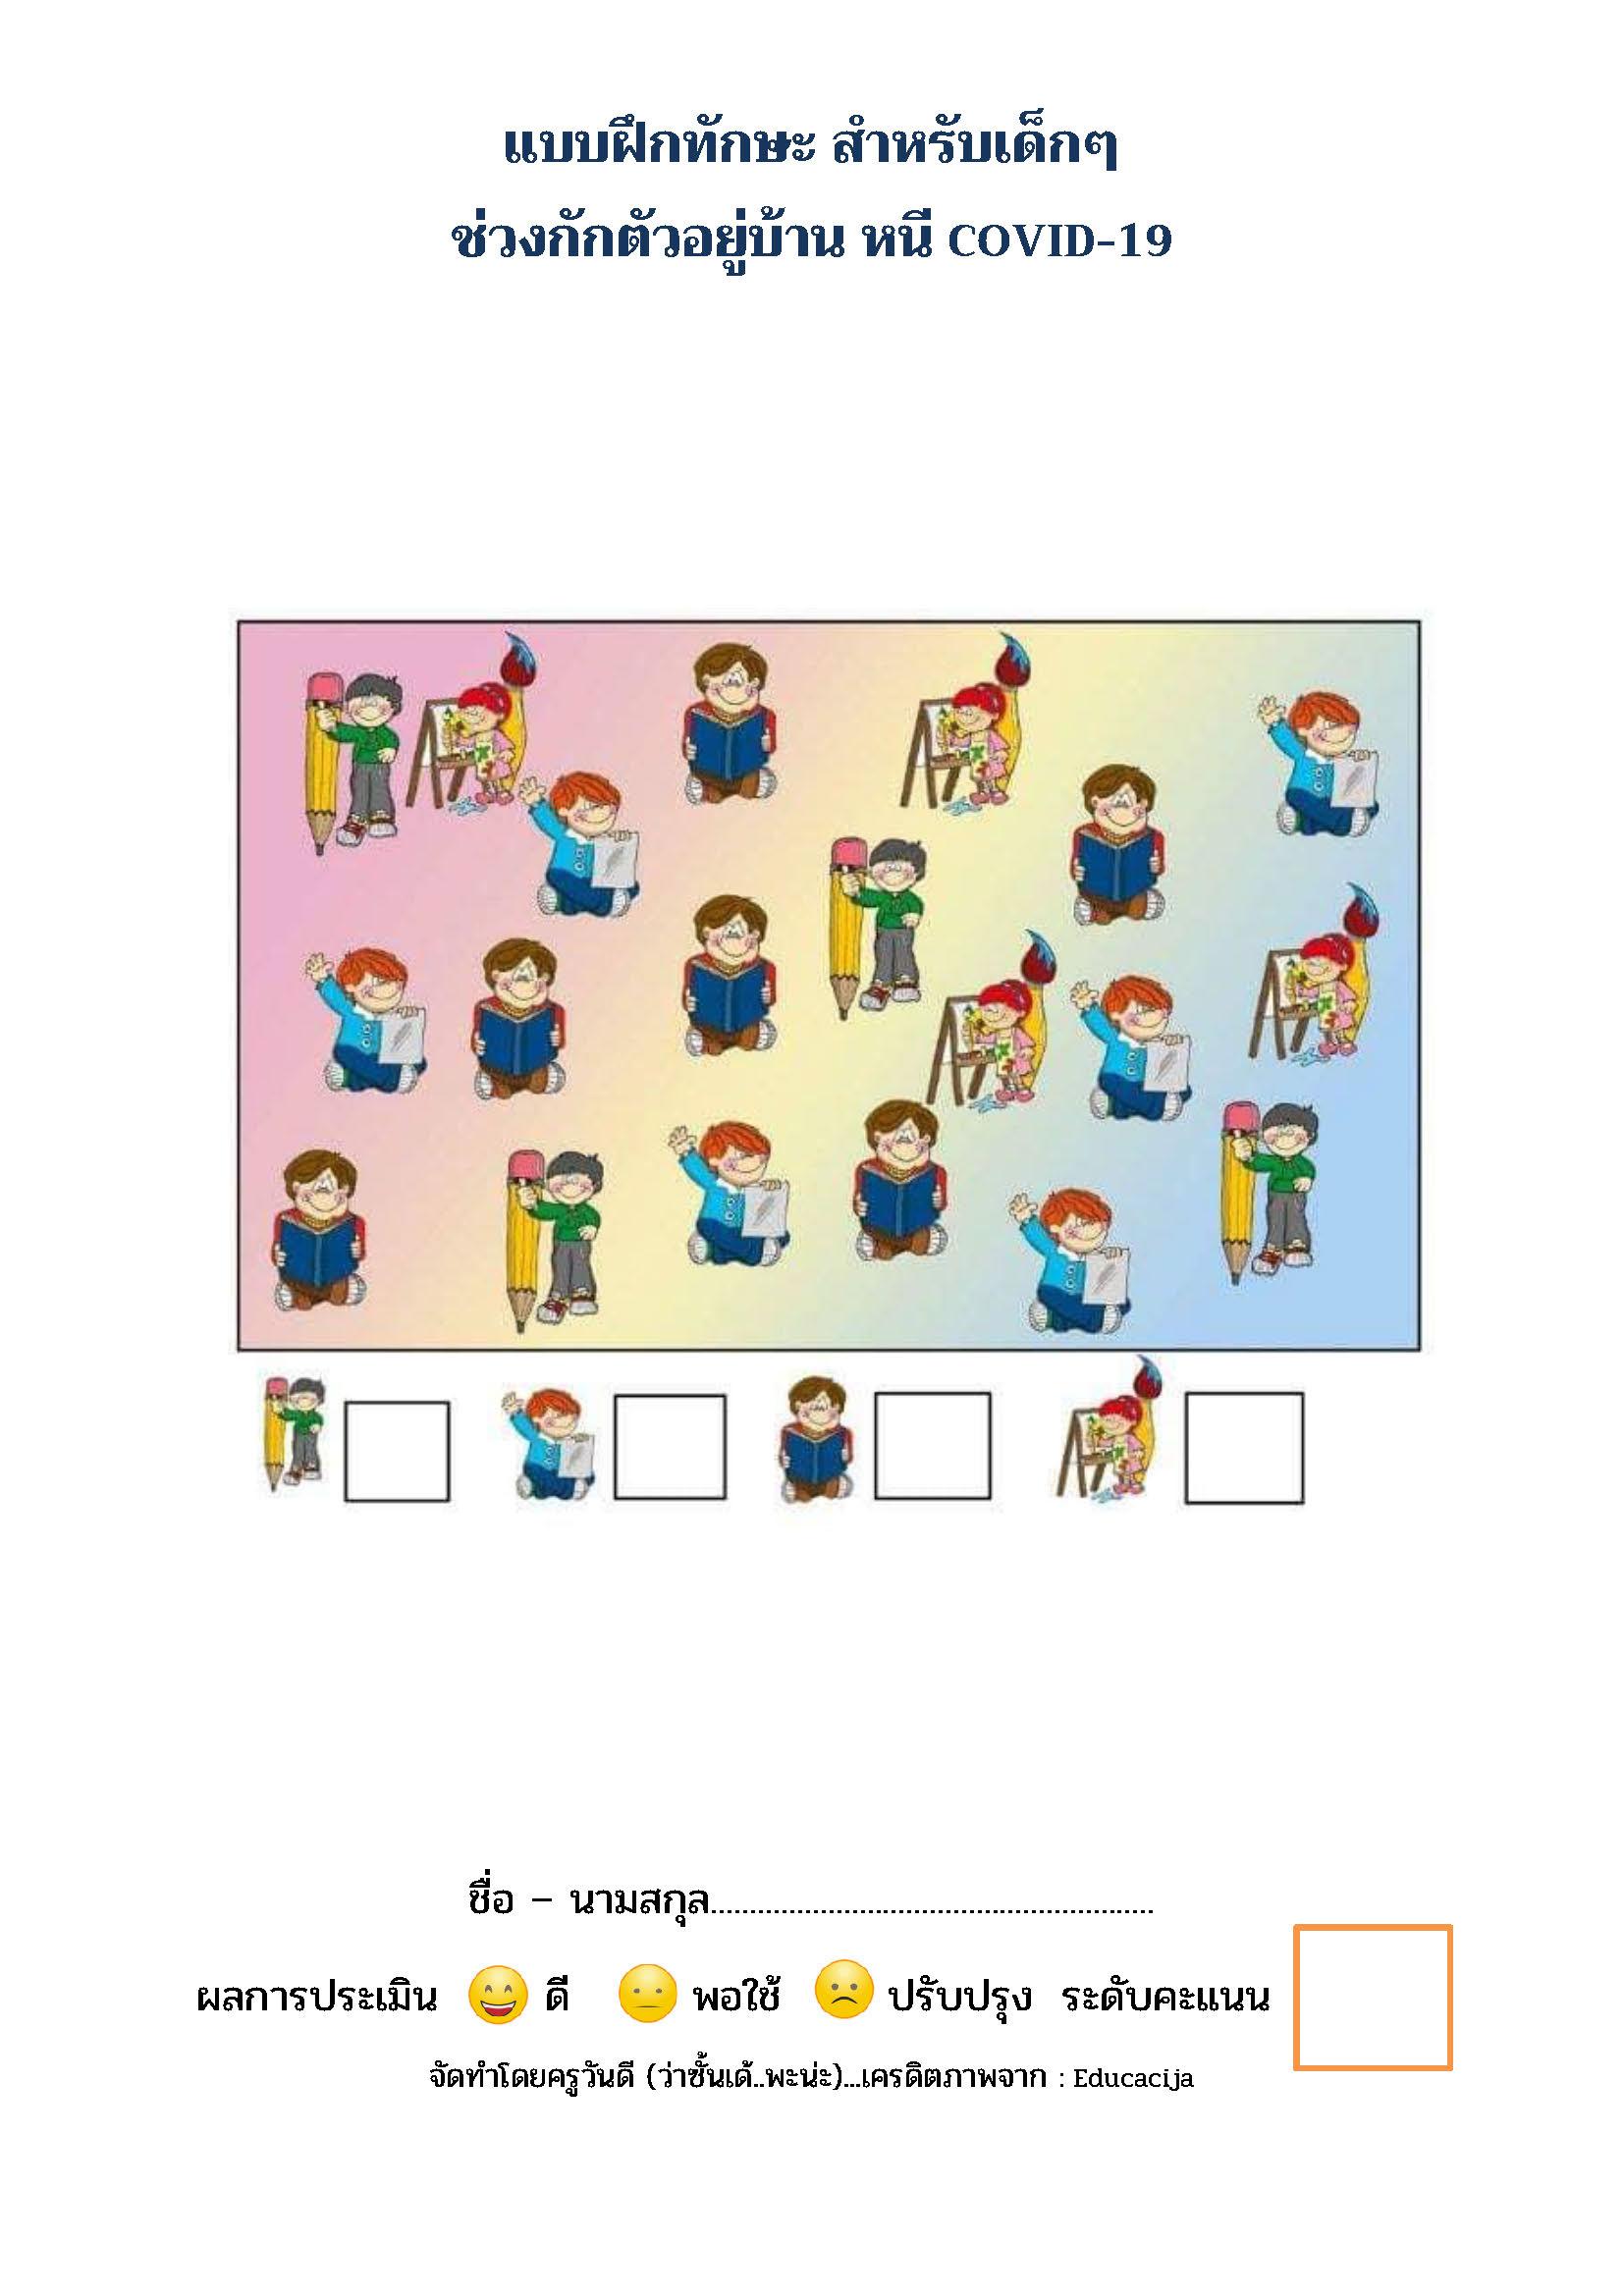 แจกแบบฝึกทักษะ สำหรับเด็กๆ การนับเลขและสมาชิก (ช่วงกักตัวอยู่บ้าน หนี COVID-19) 1585369956